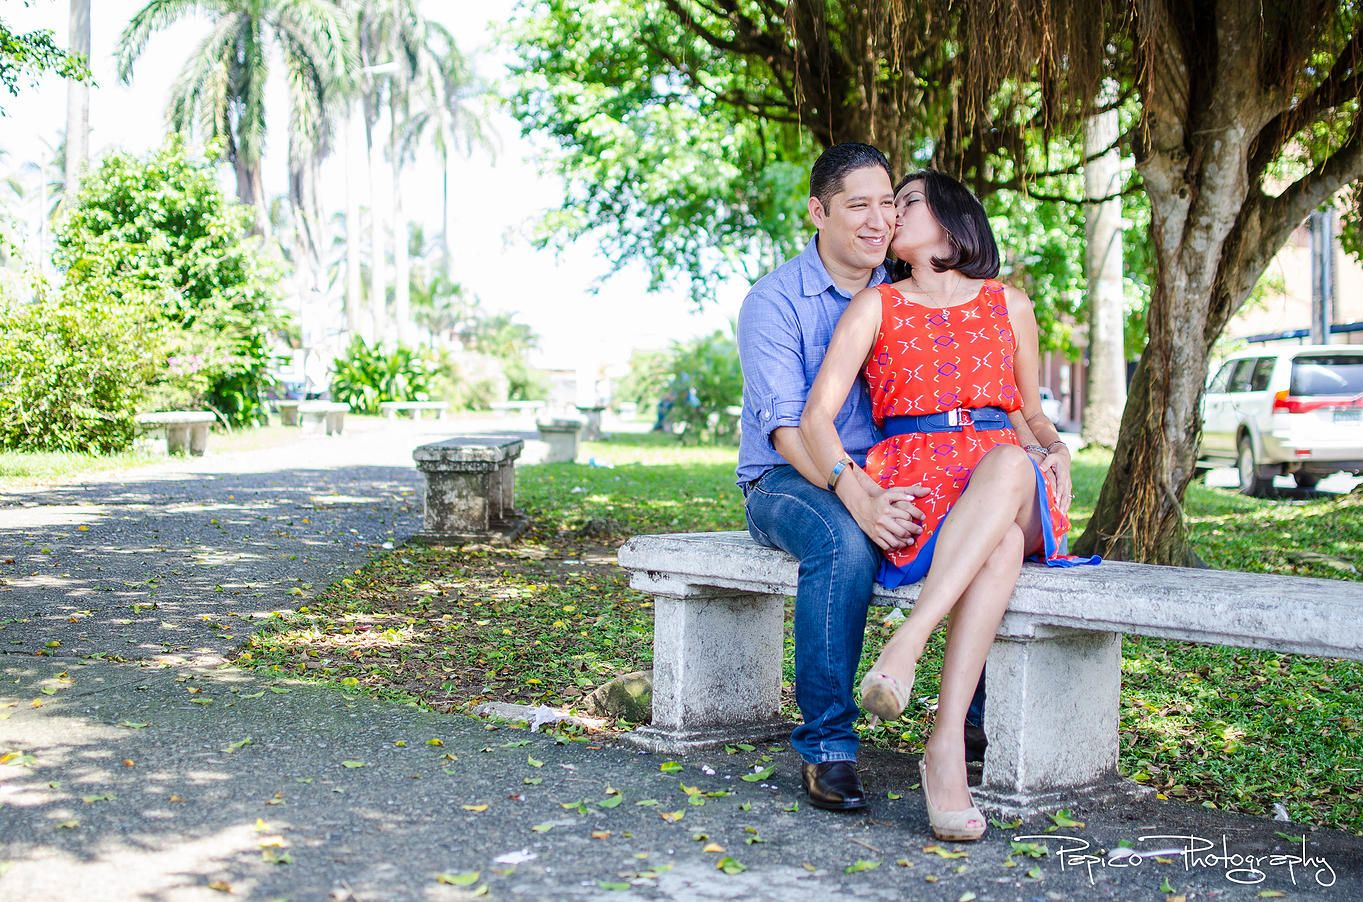 Puedes encontrar estas y otras fotos en nuestro sitio web y móvil AJCJMomentos. #weddingphotoshoot #preboda #fotografosdepanama #sesionpreboda #preweddingphotoshoot